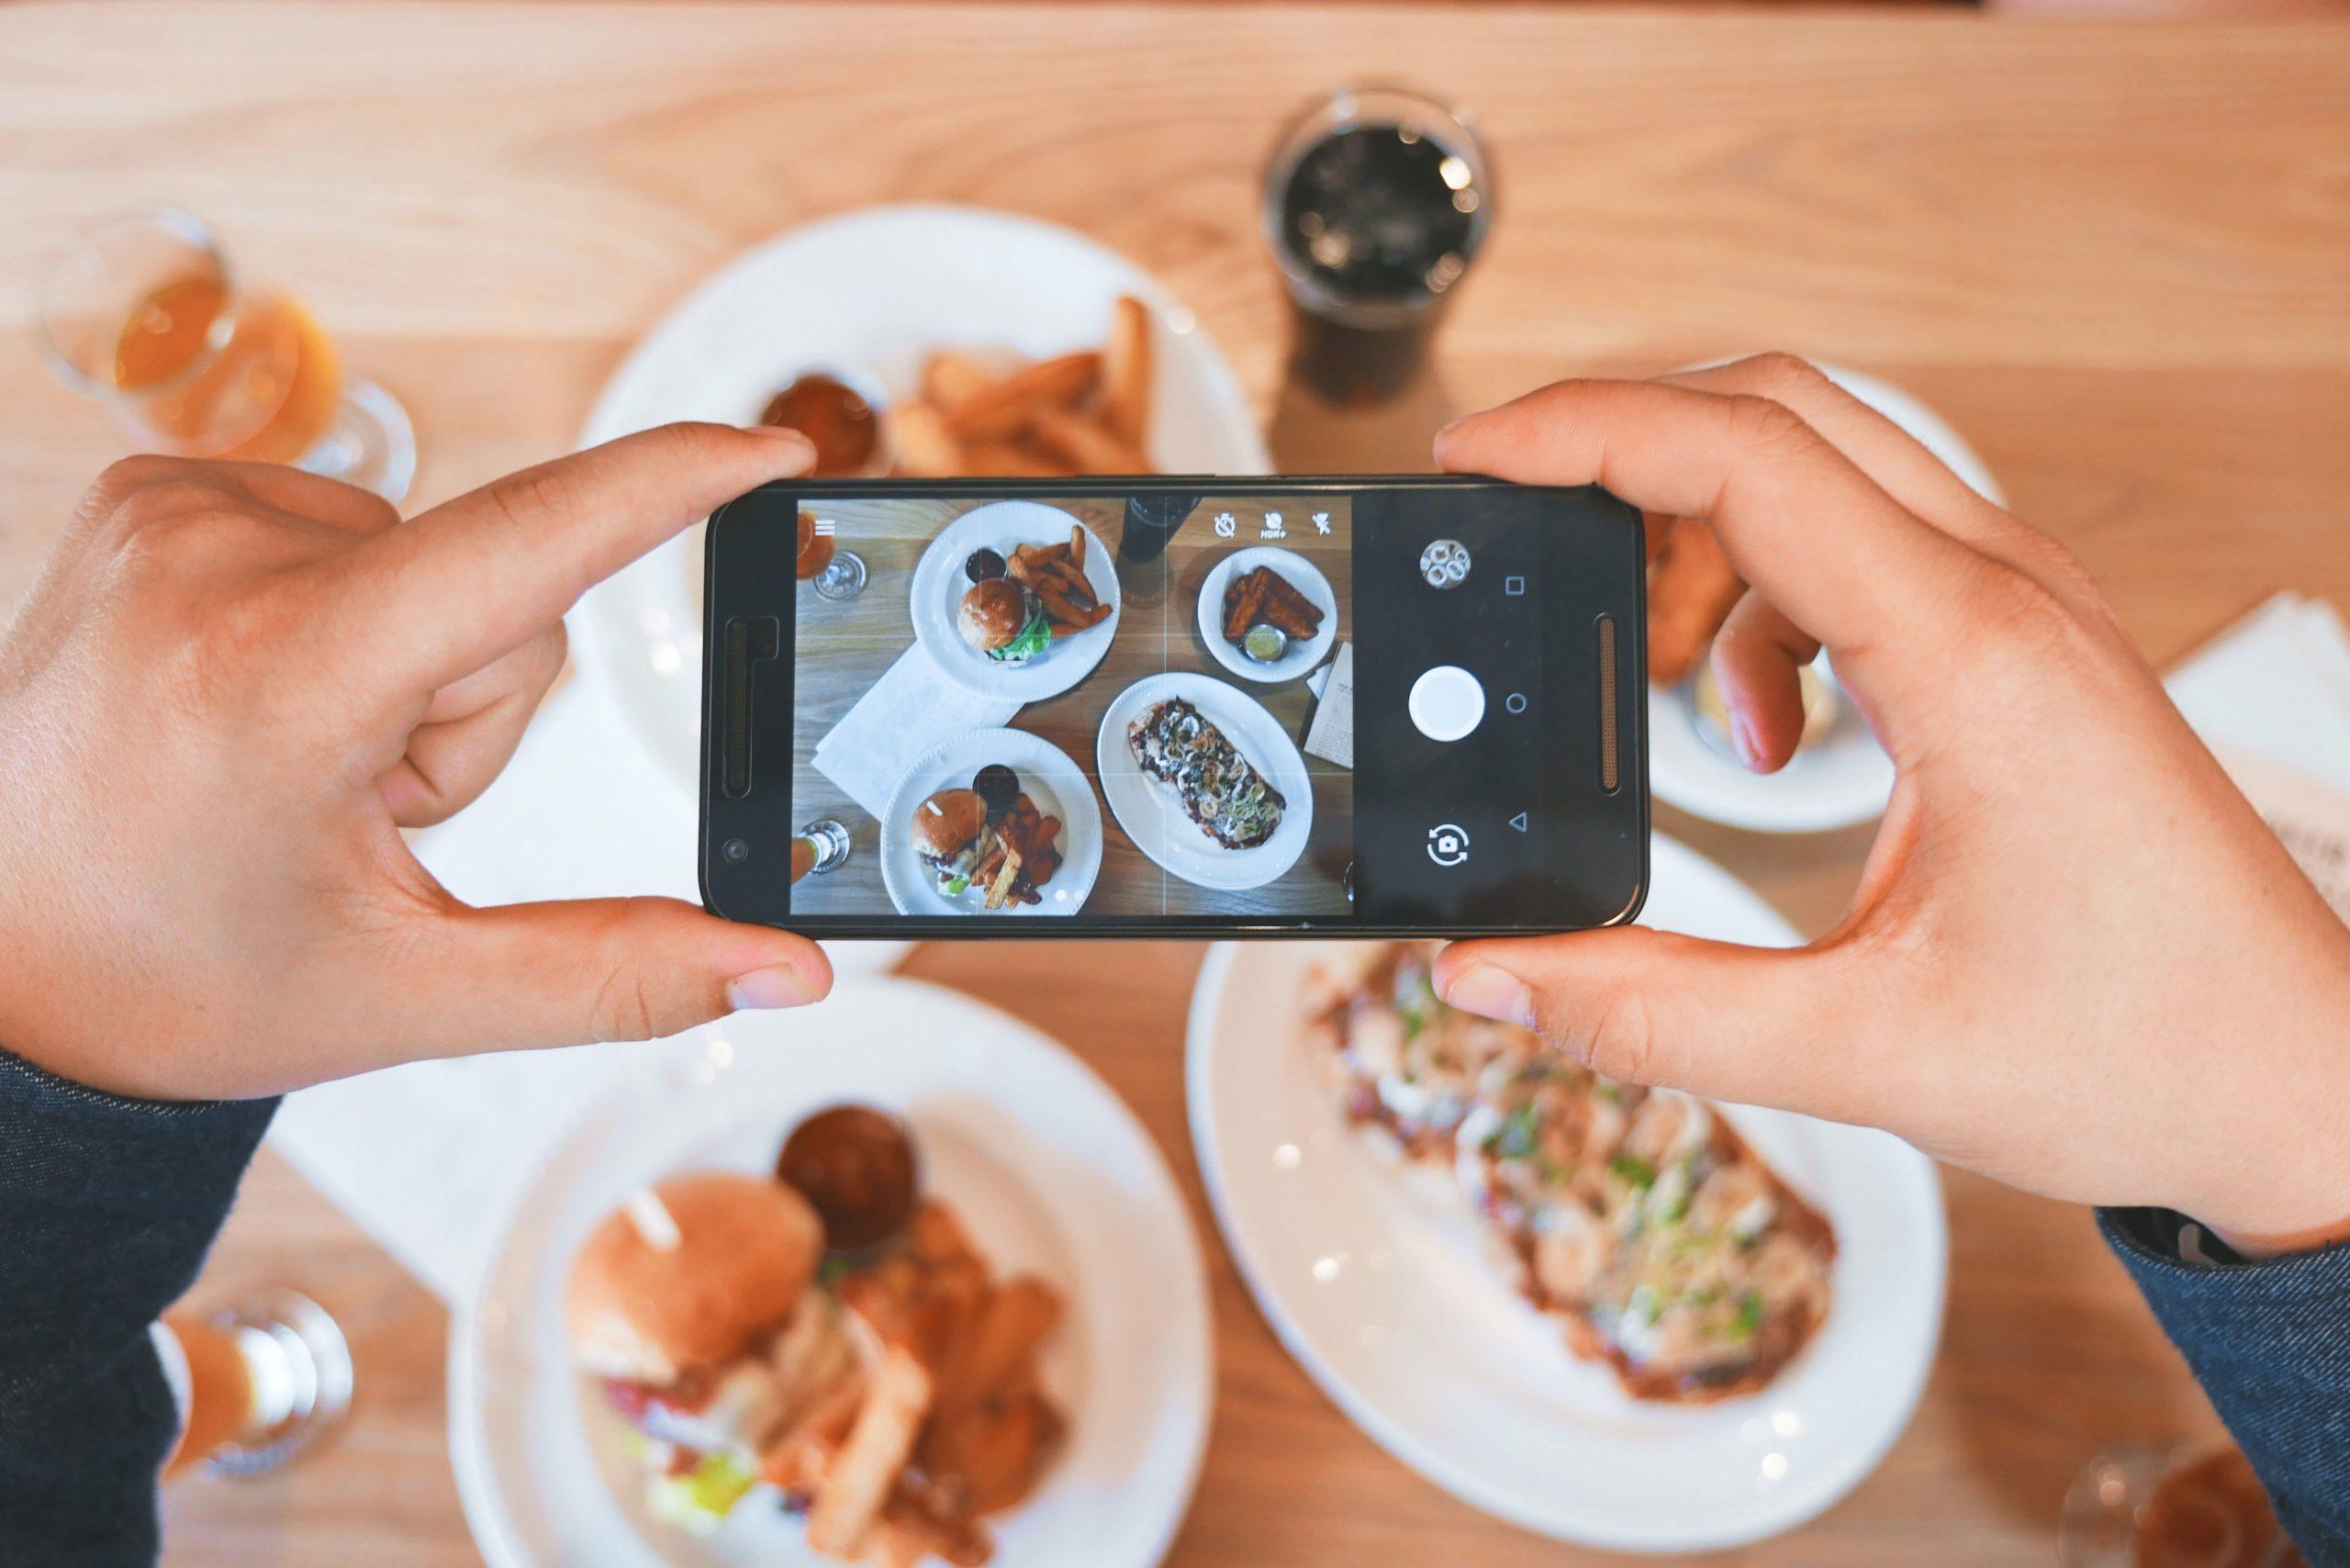 Pessoa fotografando mesa com refeições.